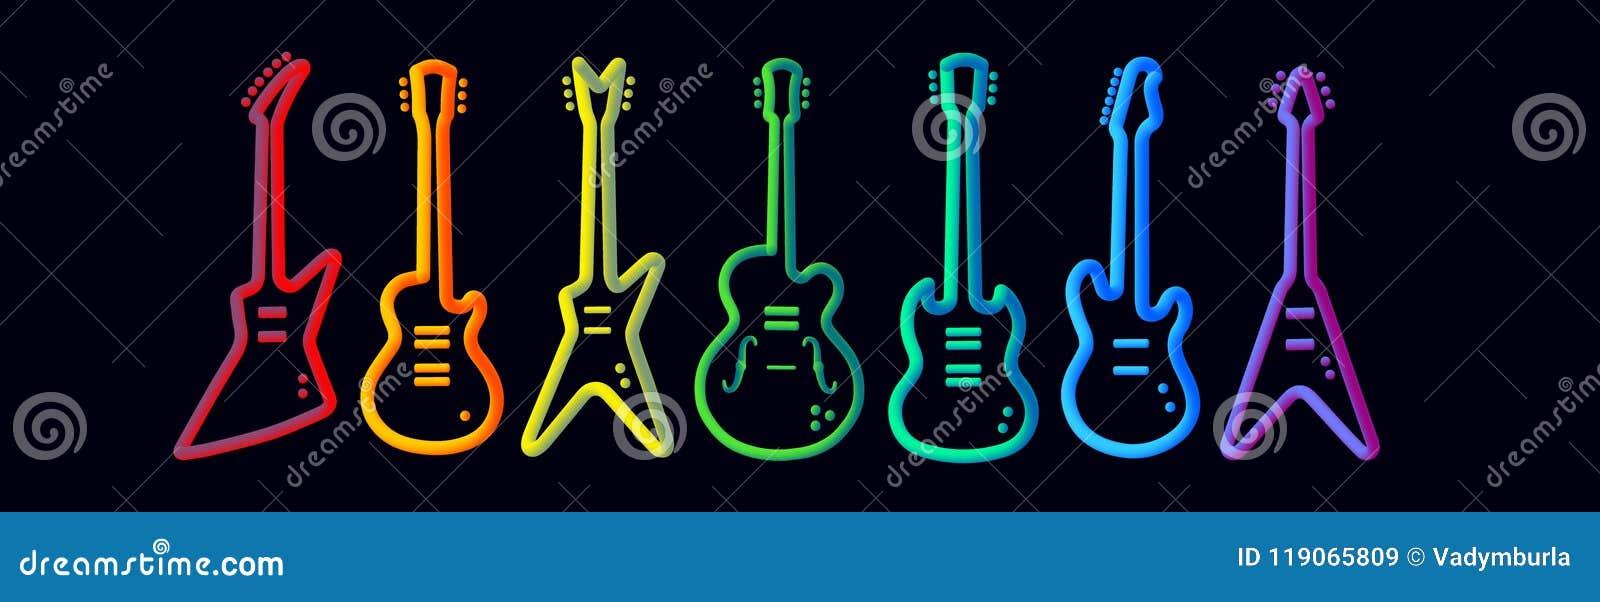 Il neon degli strumenti musicali di colore dell arcobaleno tubed la prestazione astratta della banda rock di concetto di progetto